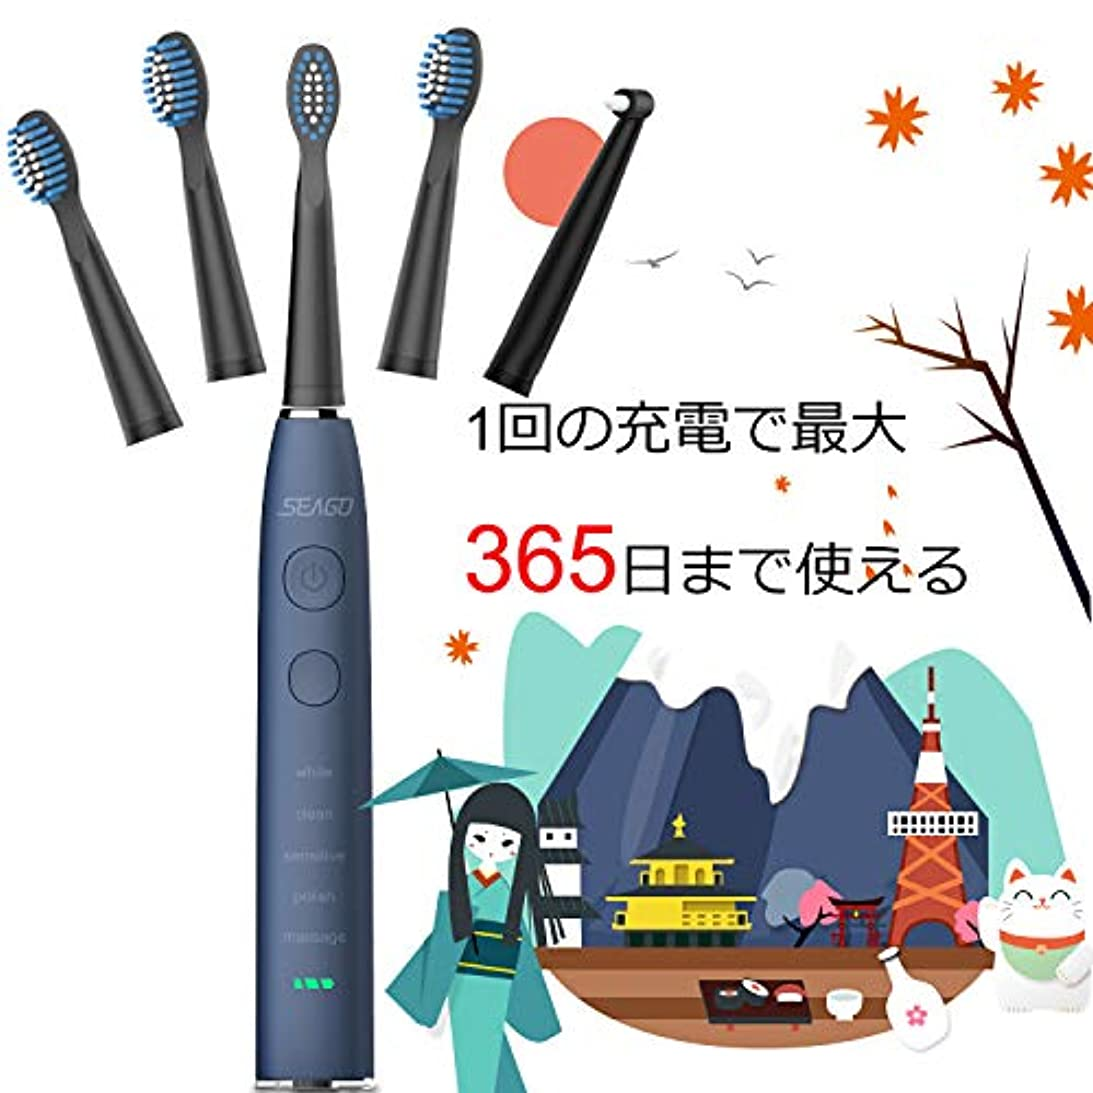 静脈五十作り電動歯ブラシ 歯ブラシ seago 音波歯ブラシ USB充電式8時間 365日に使用 IPX7防水 五つモードと2分オートタイマー機能搭載 替えブラシ5本 12ヶ月メーカー保証 SG-575(ブルー)